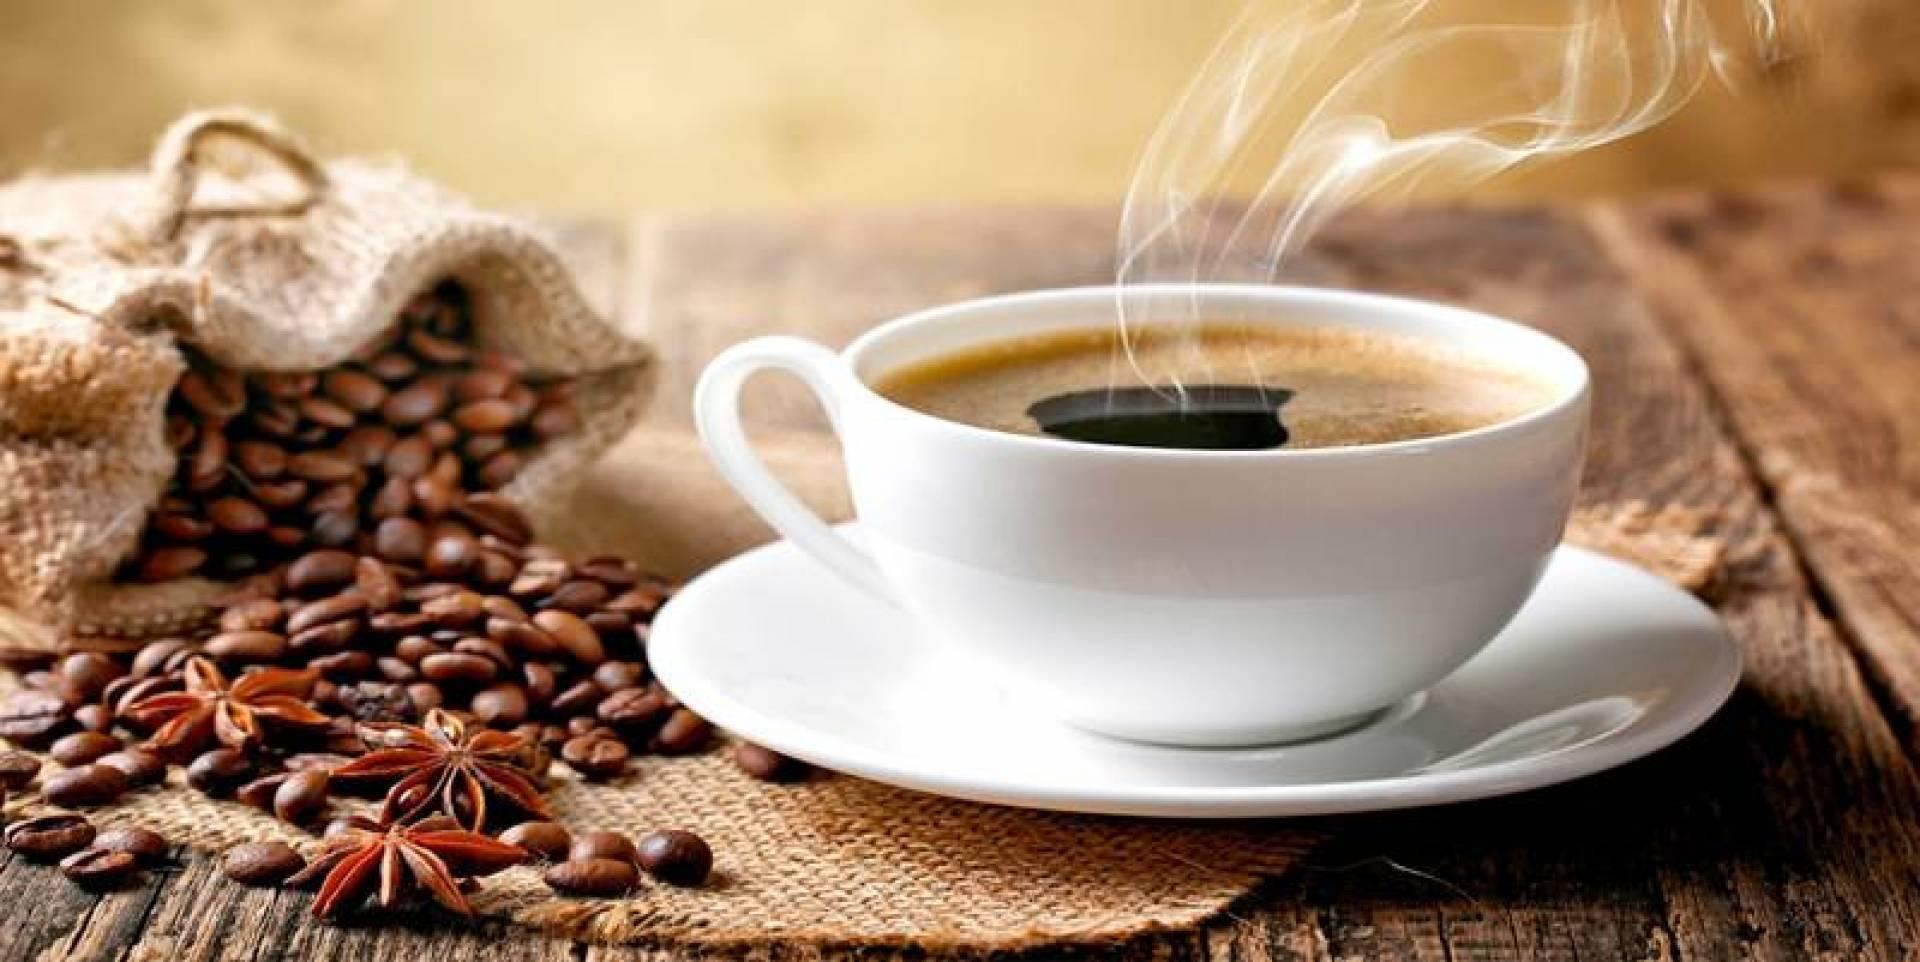 دراسة حديثة تحذر من تناول القهوة قبل الإفطار